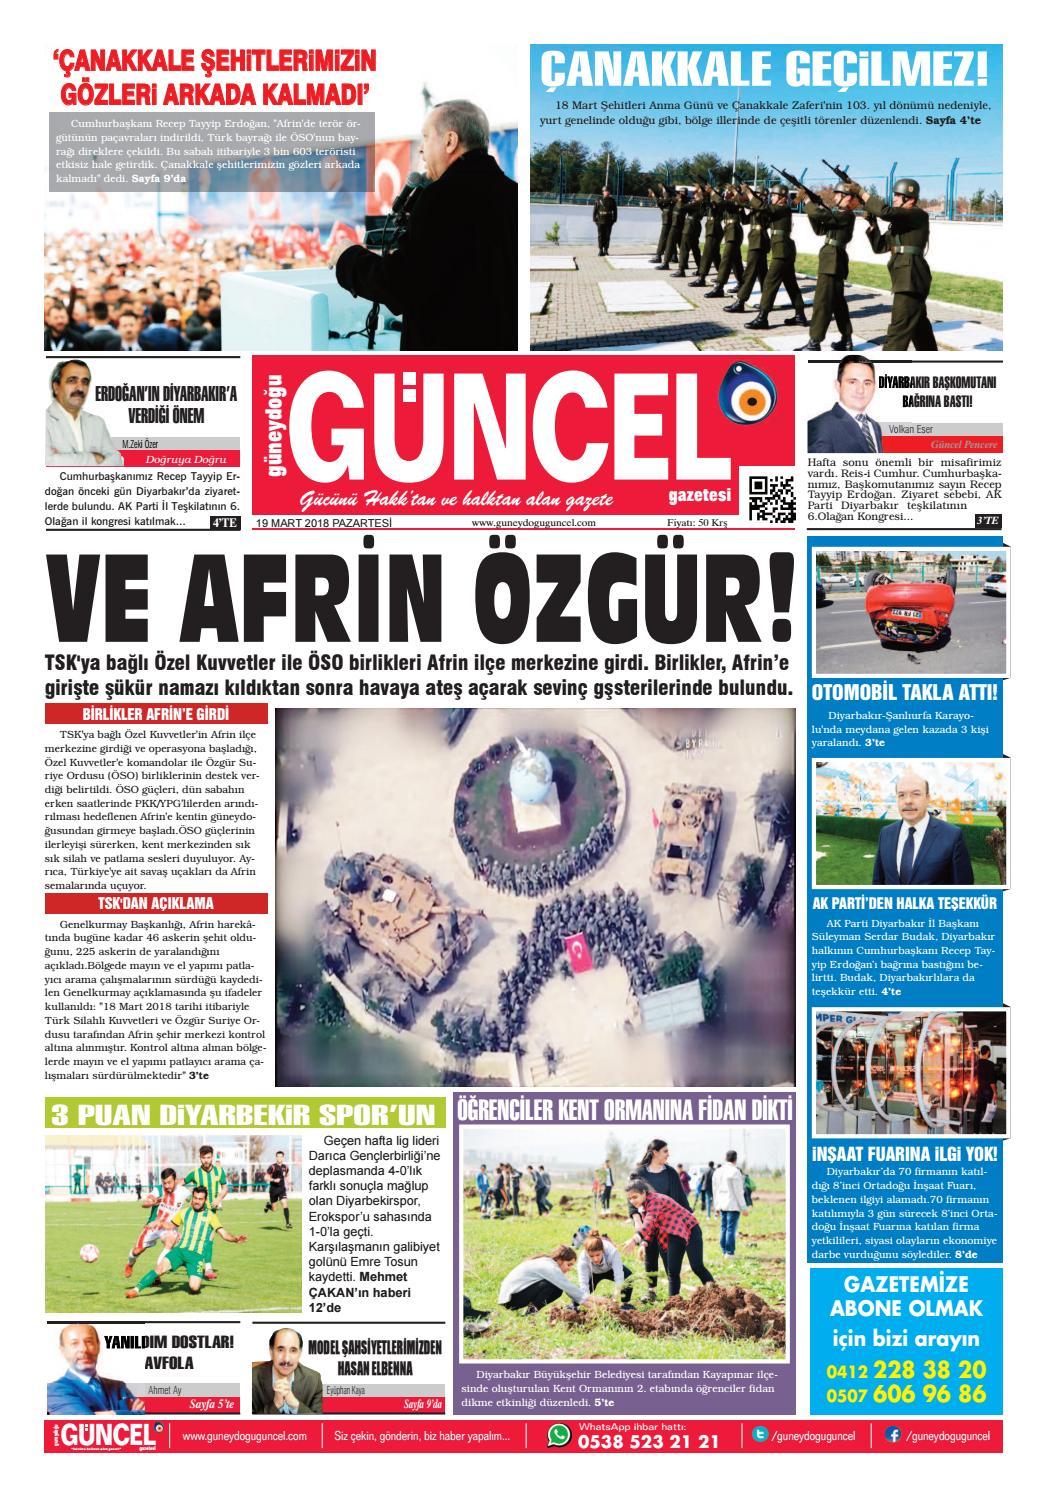 Erdoğan: ÖSOnun bazı gruplarında ganimet anlayışı var, hemen müdahale edildi 48